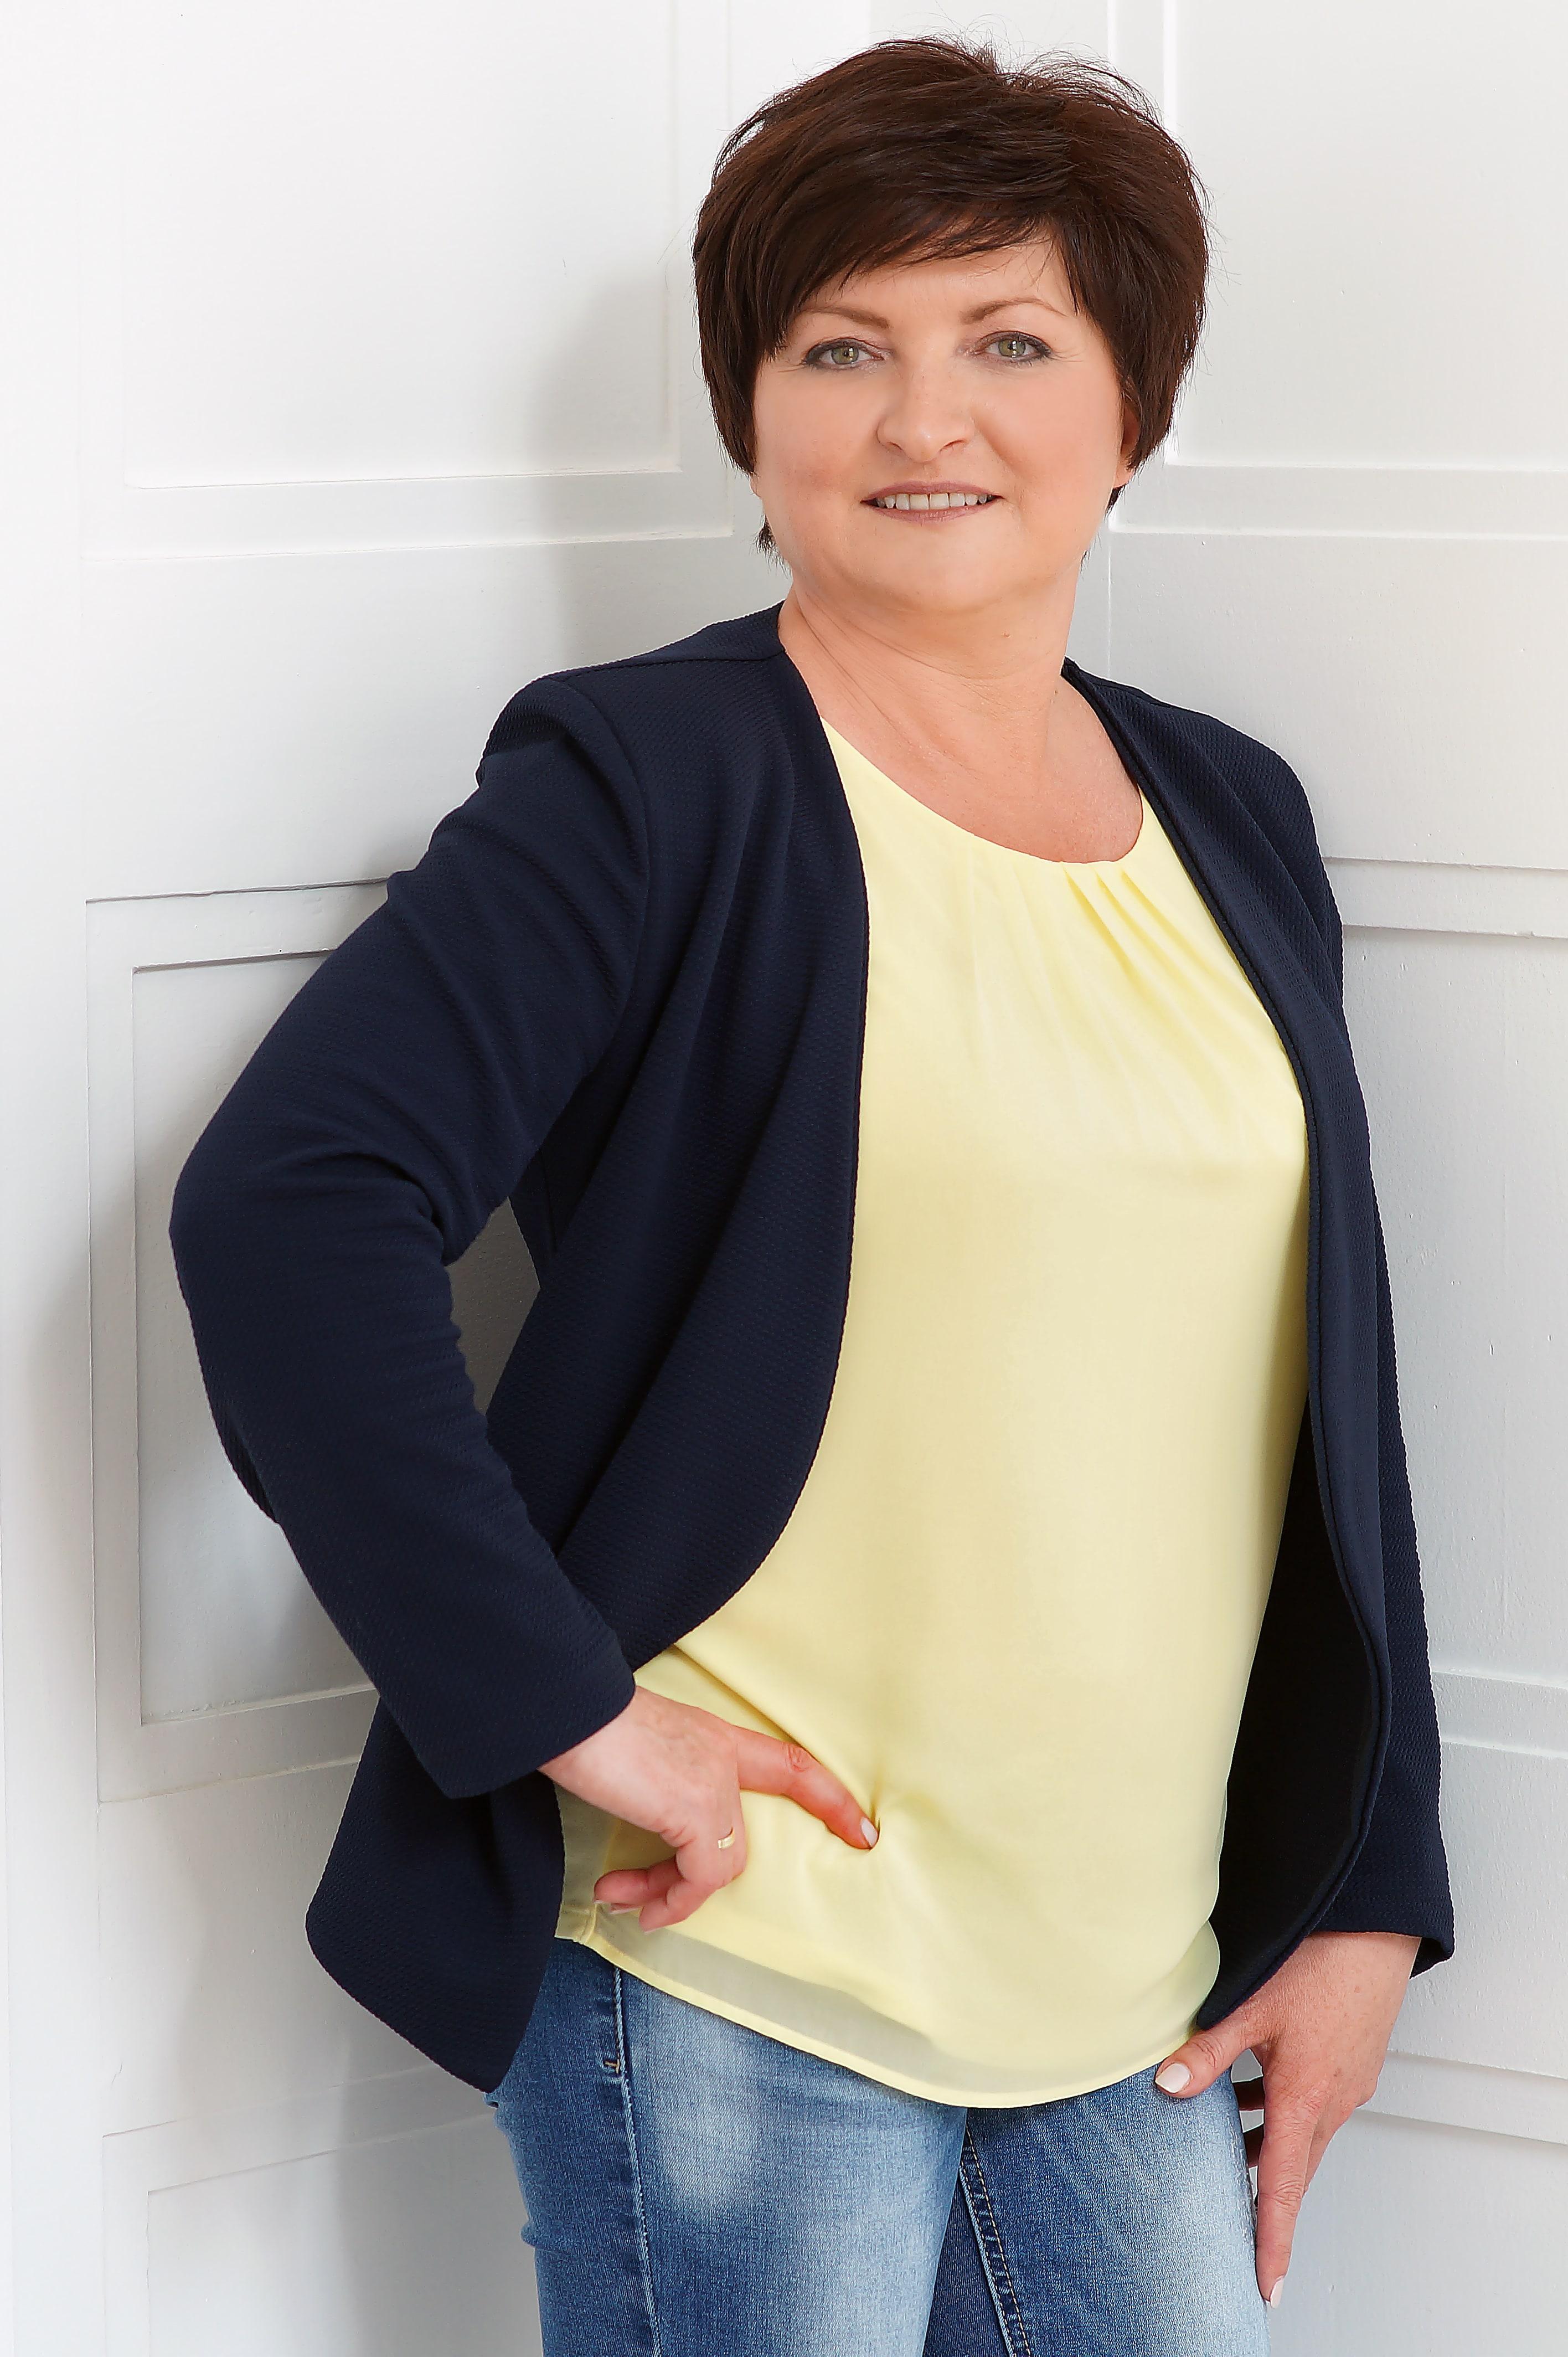 Lilia Sterz